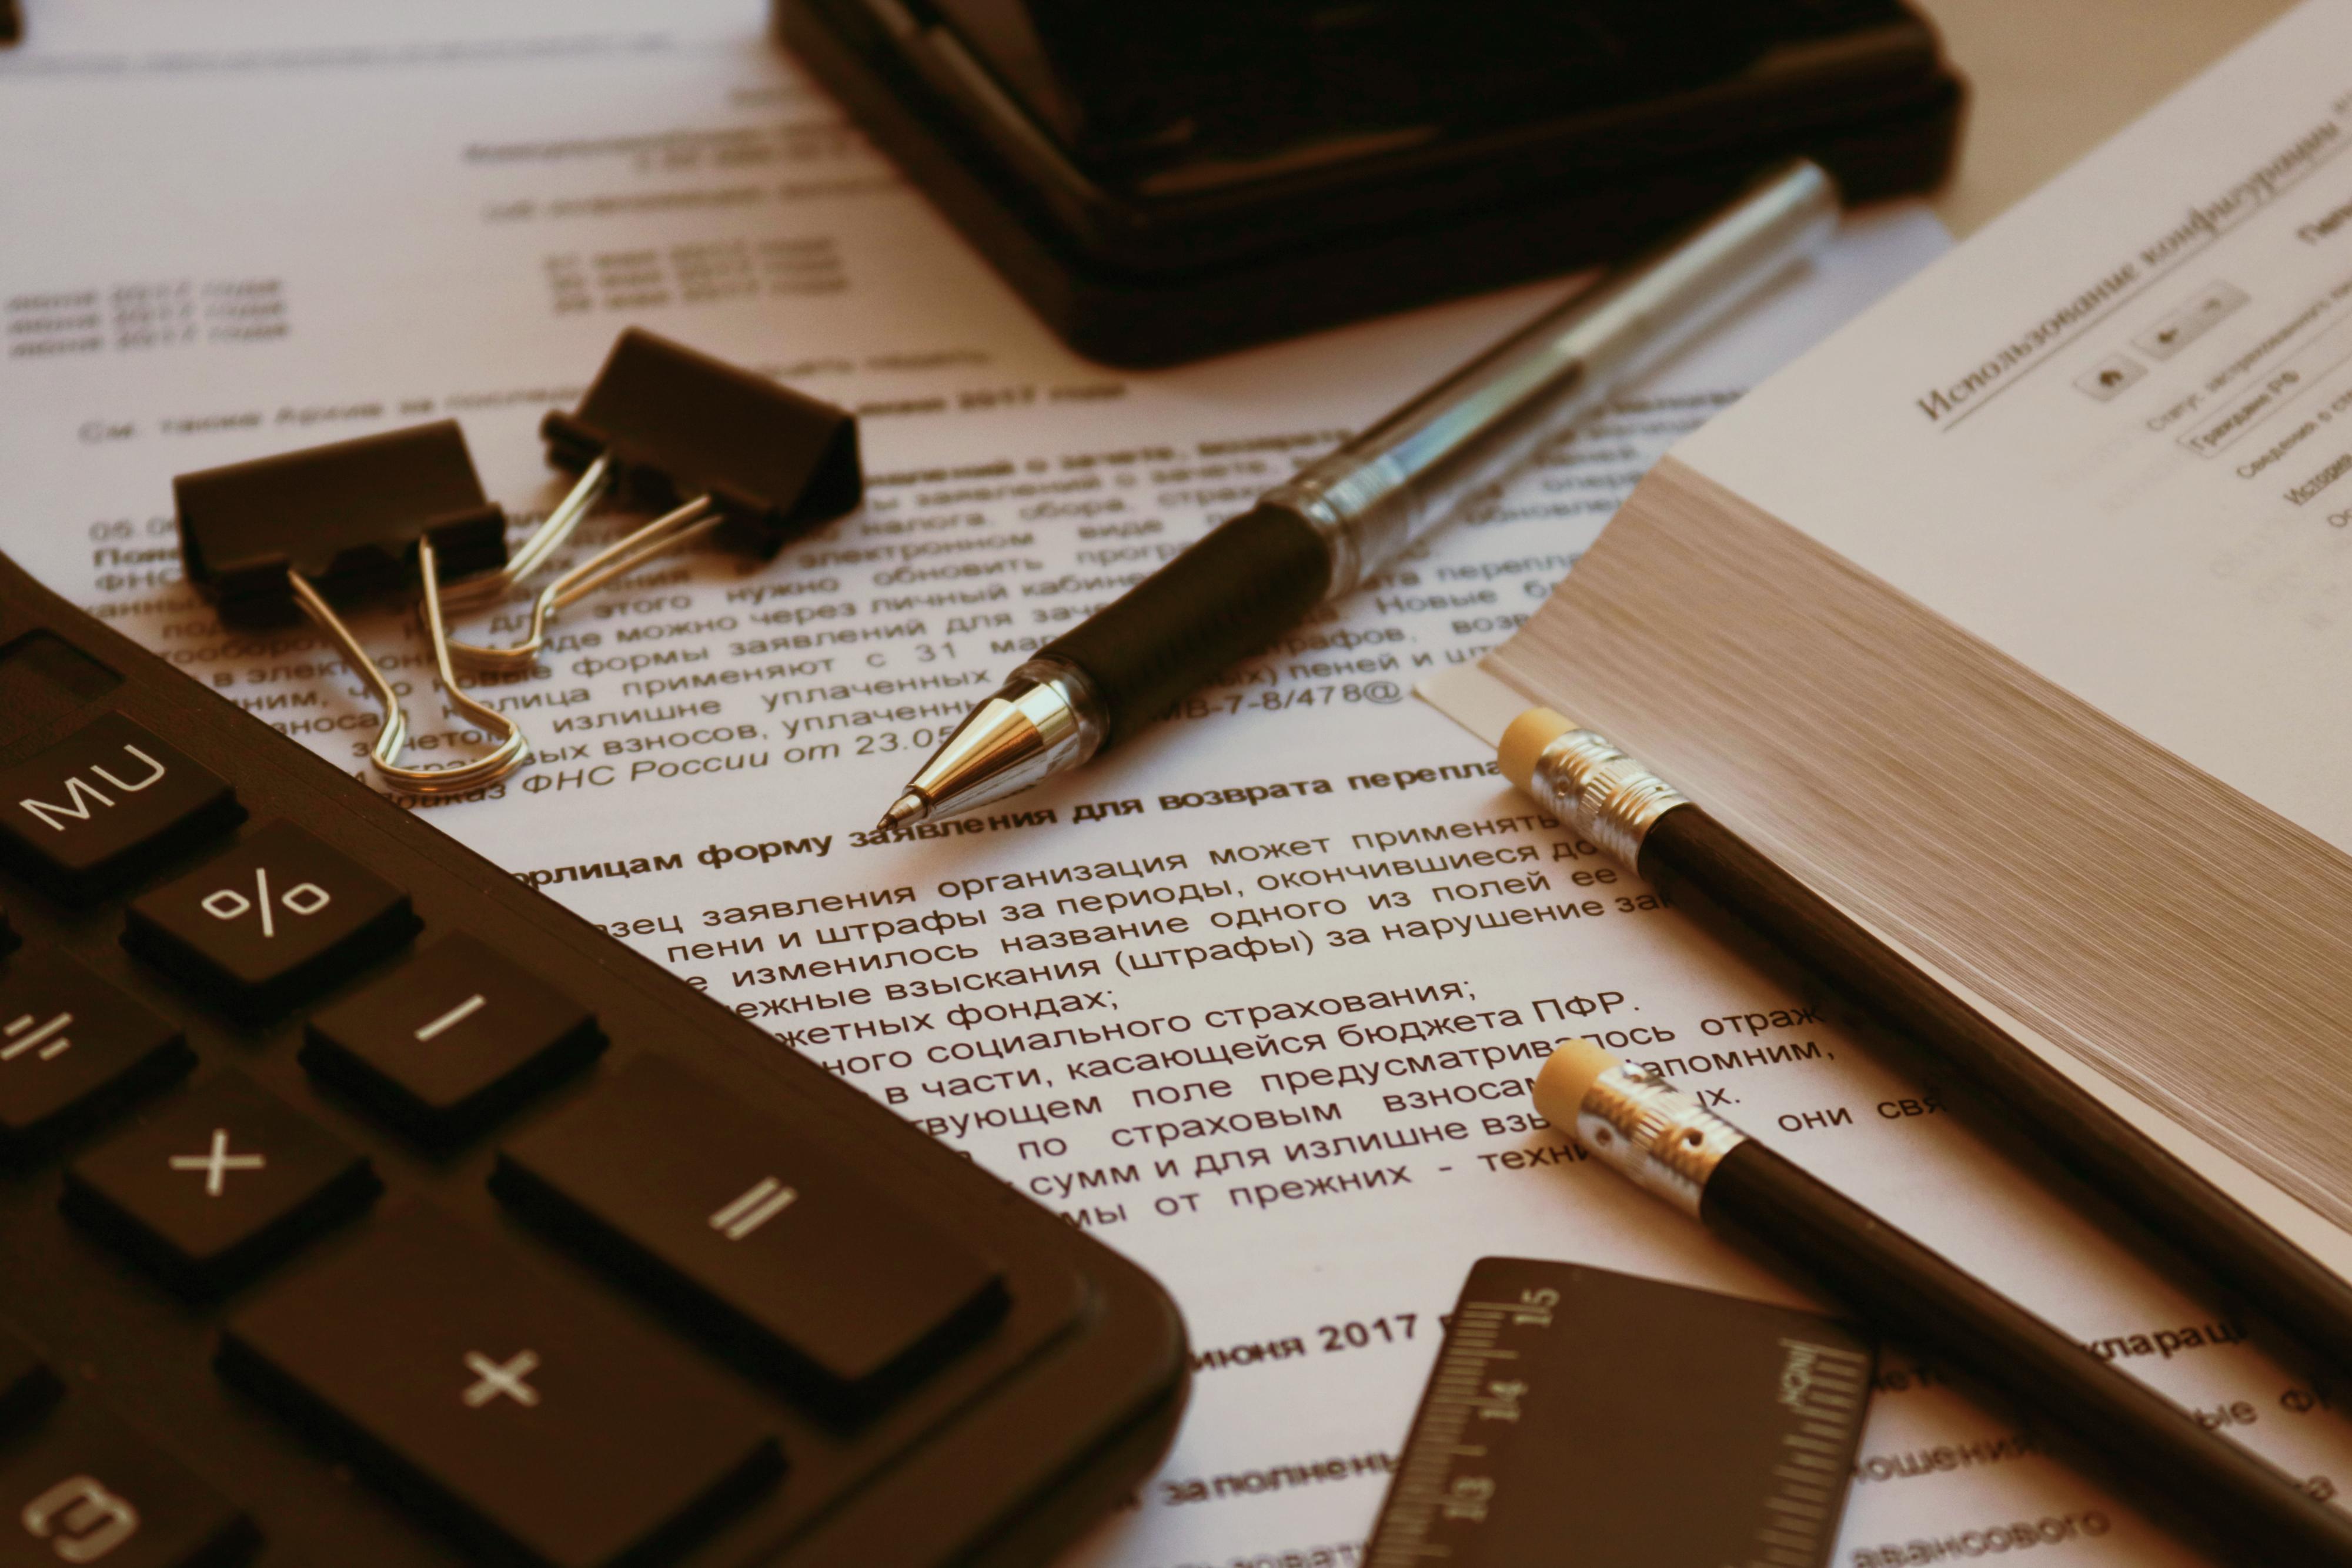 Картинка по бухгалтерскому учету